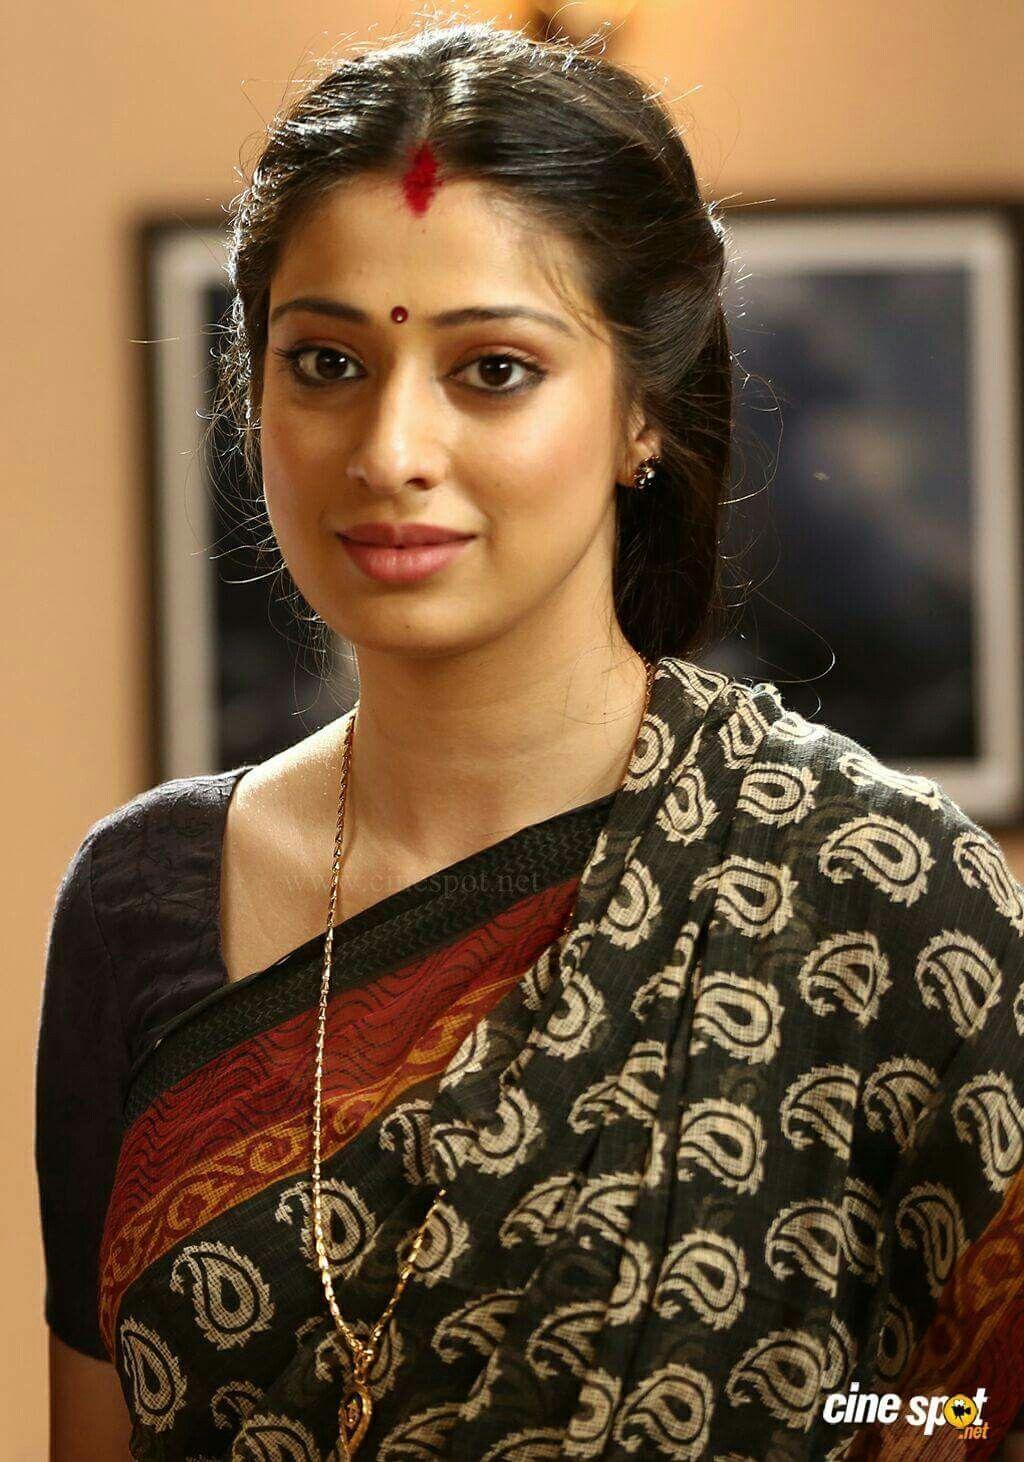 Laxmi Raai 😍 | Indian actress photos, Movie photo, Indian